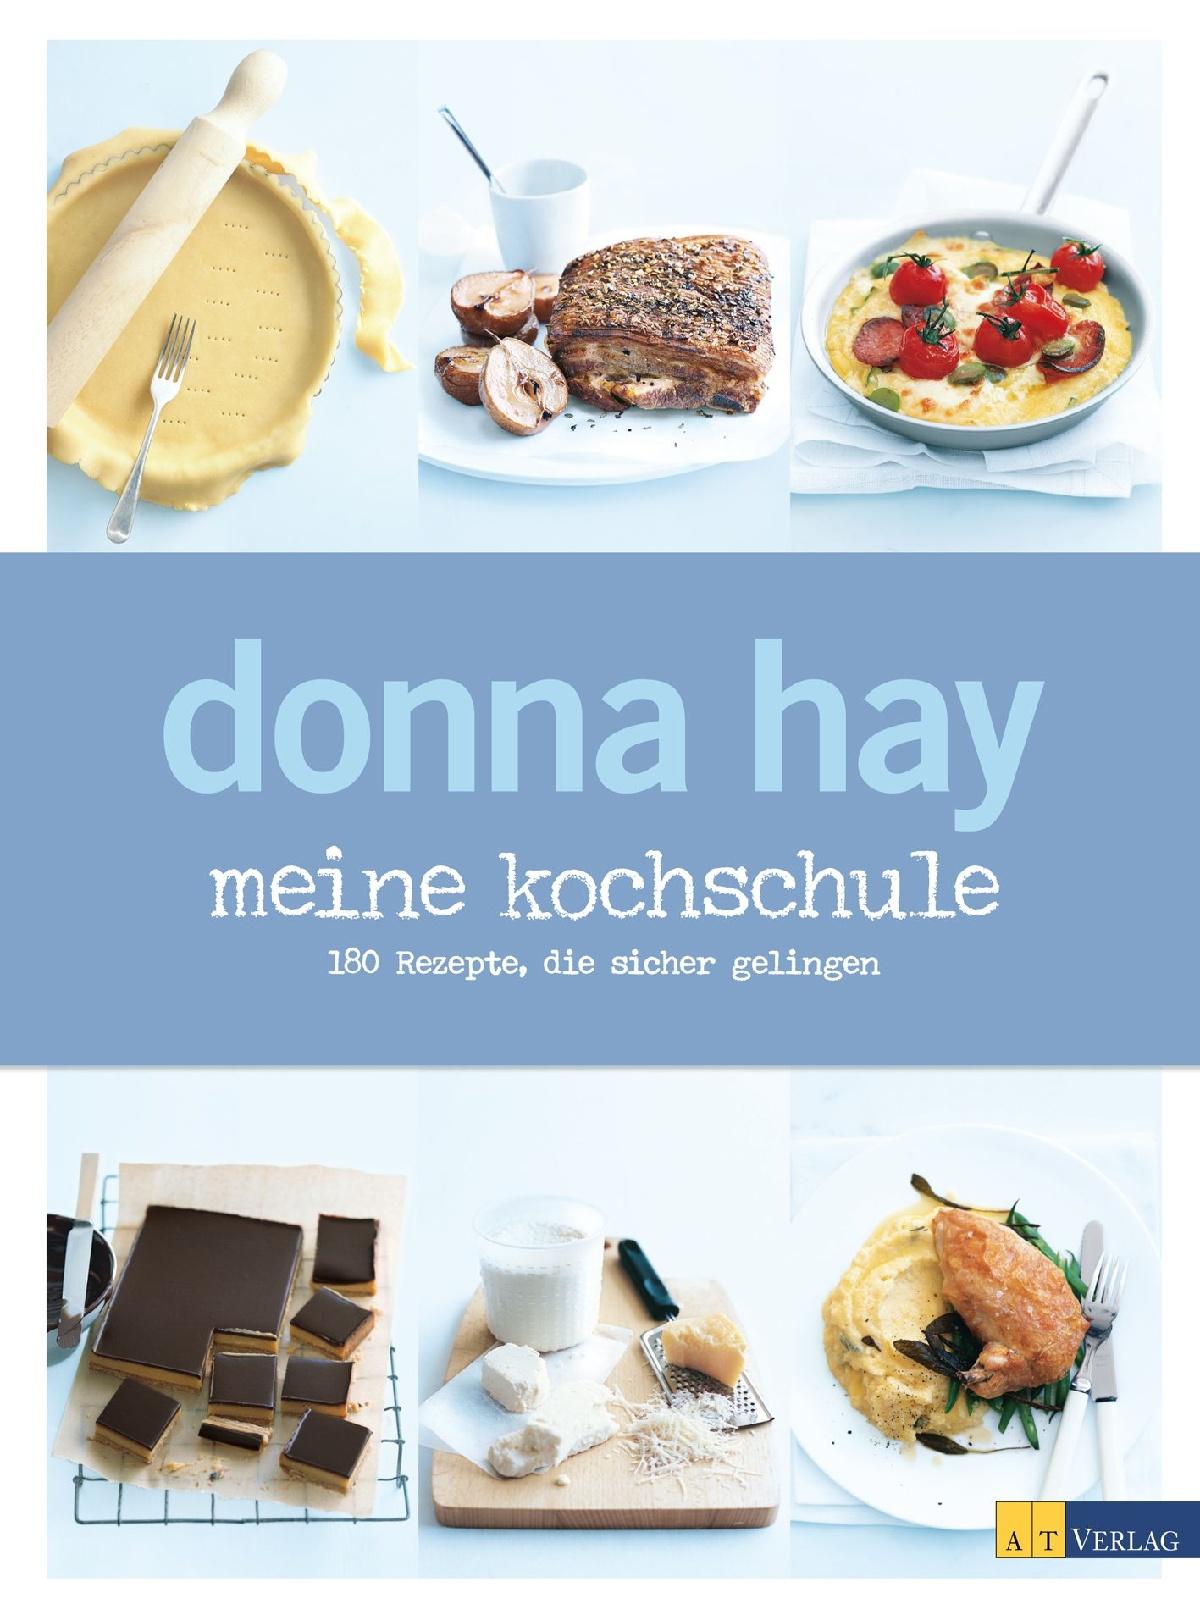 Kochschule buch  Buch: Meine Kochschule von Donna Hay • AT Verlag